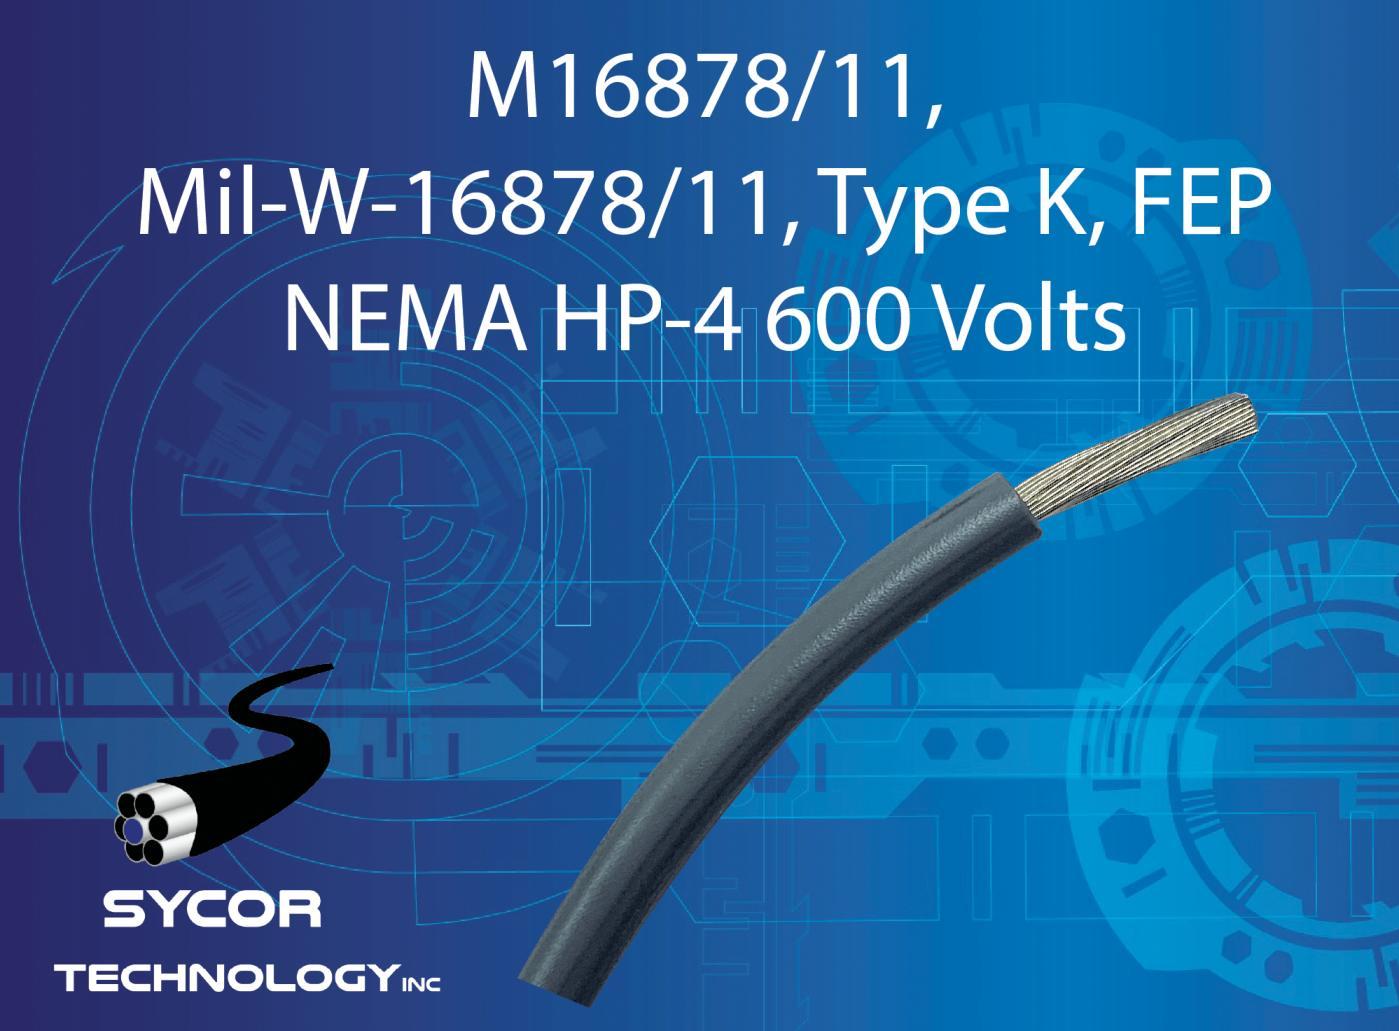 M16878/11, Mil-W-16878/11, Type K Wire